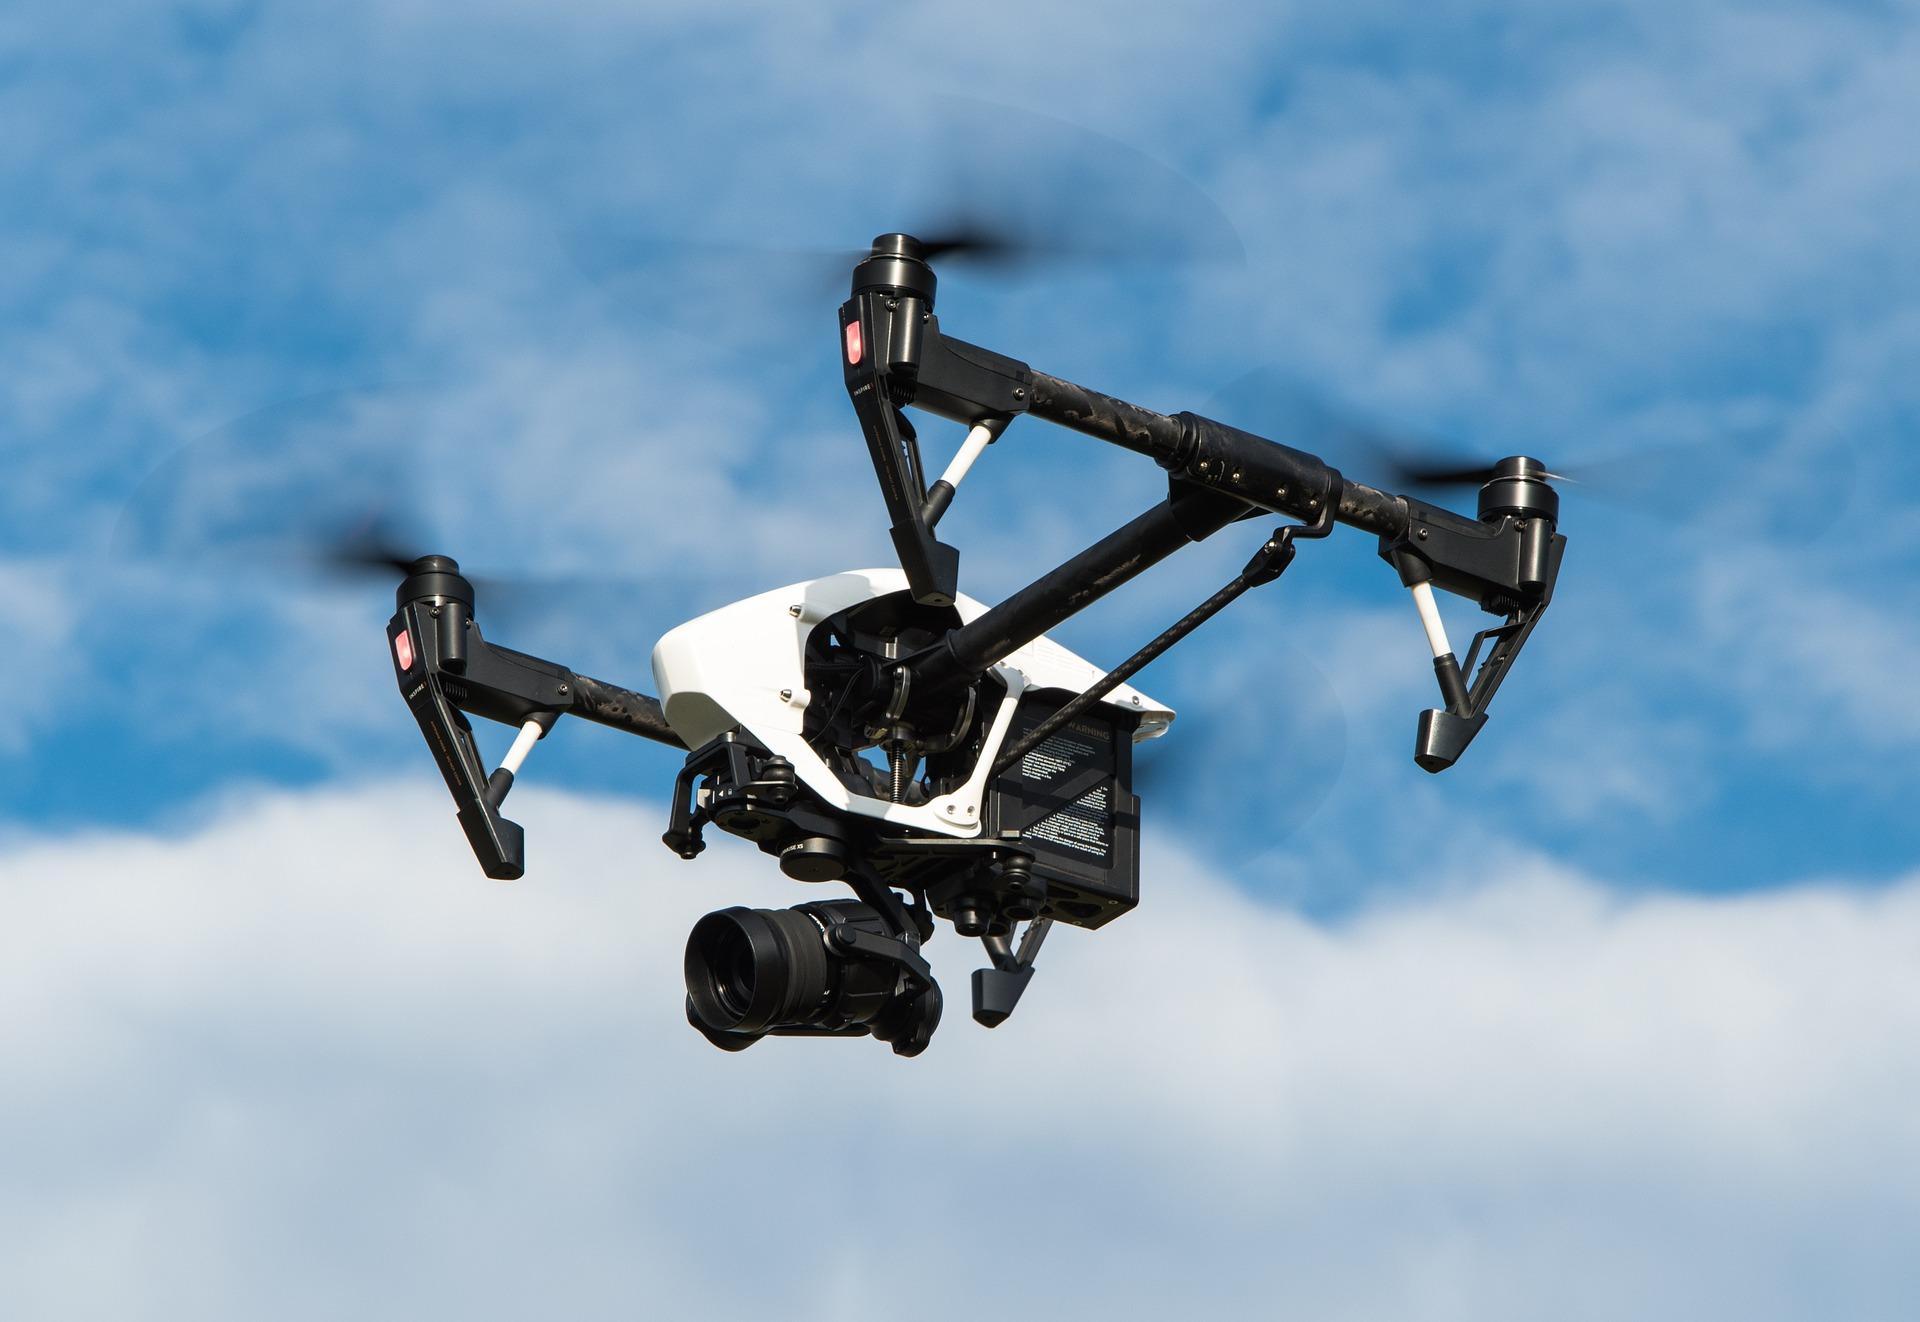 Uwarunkowania prawne a używanie drona